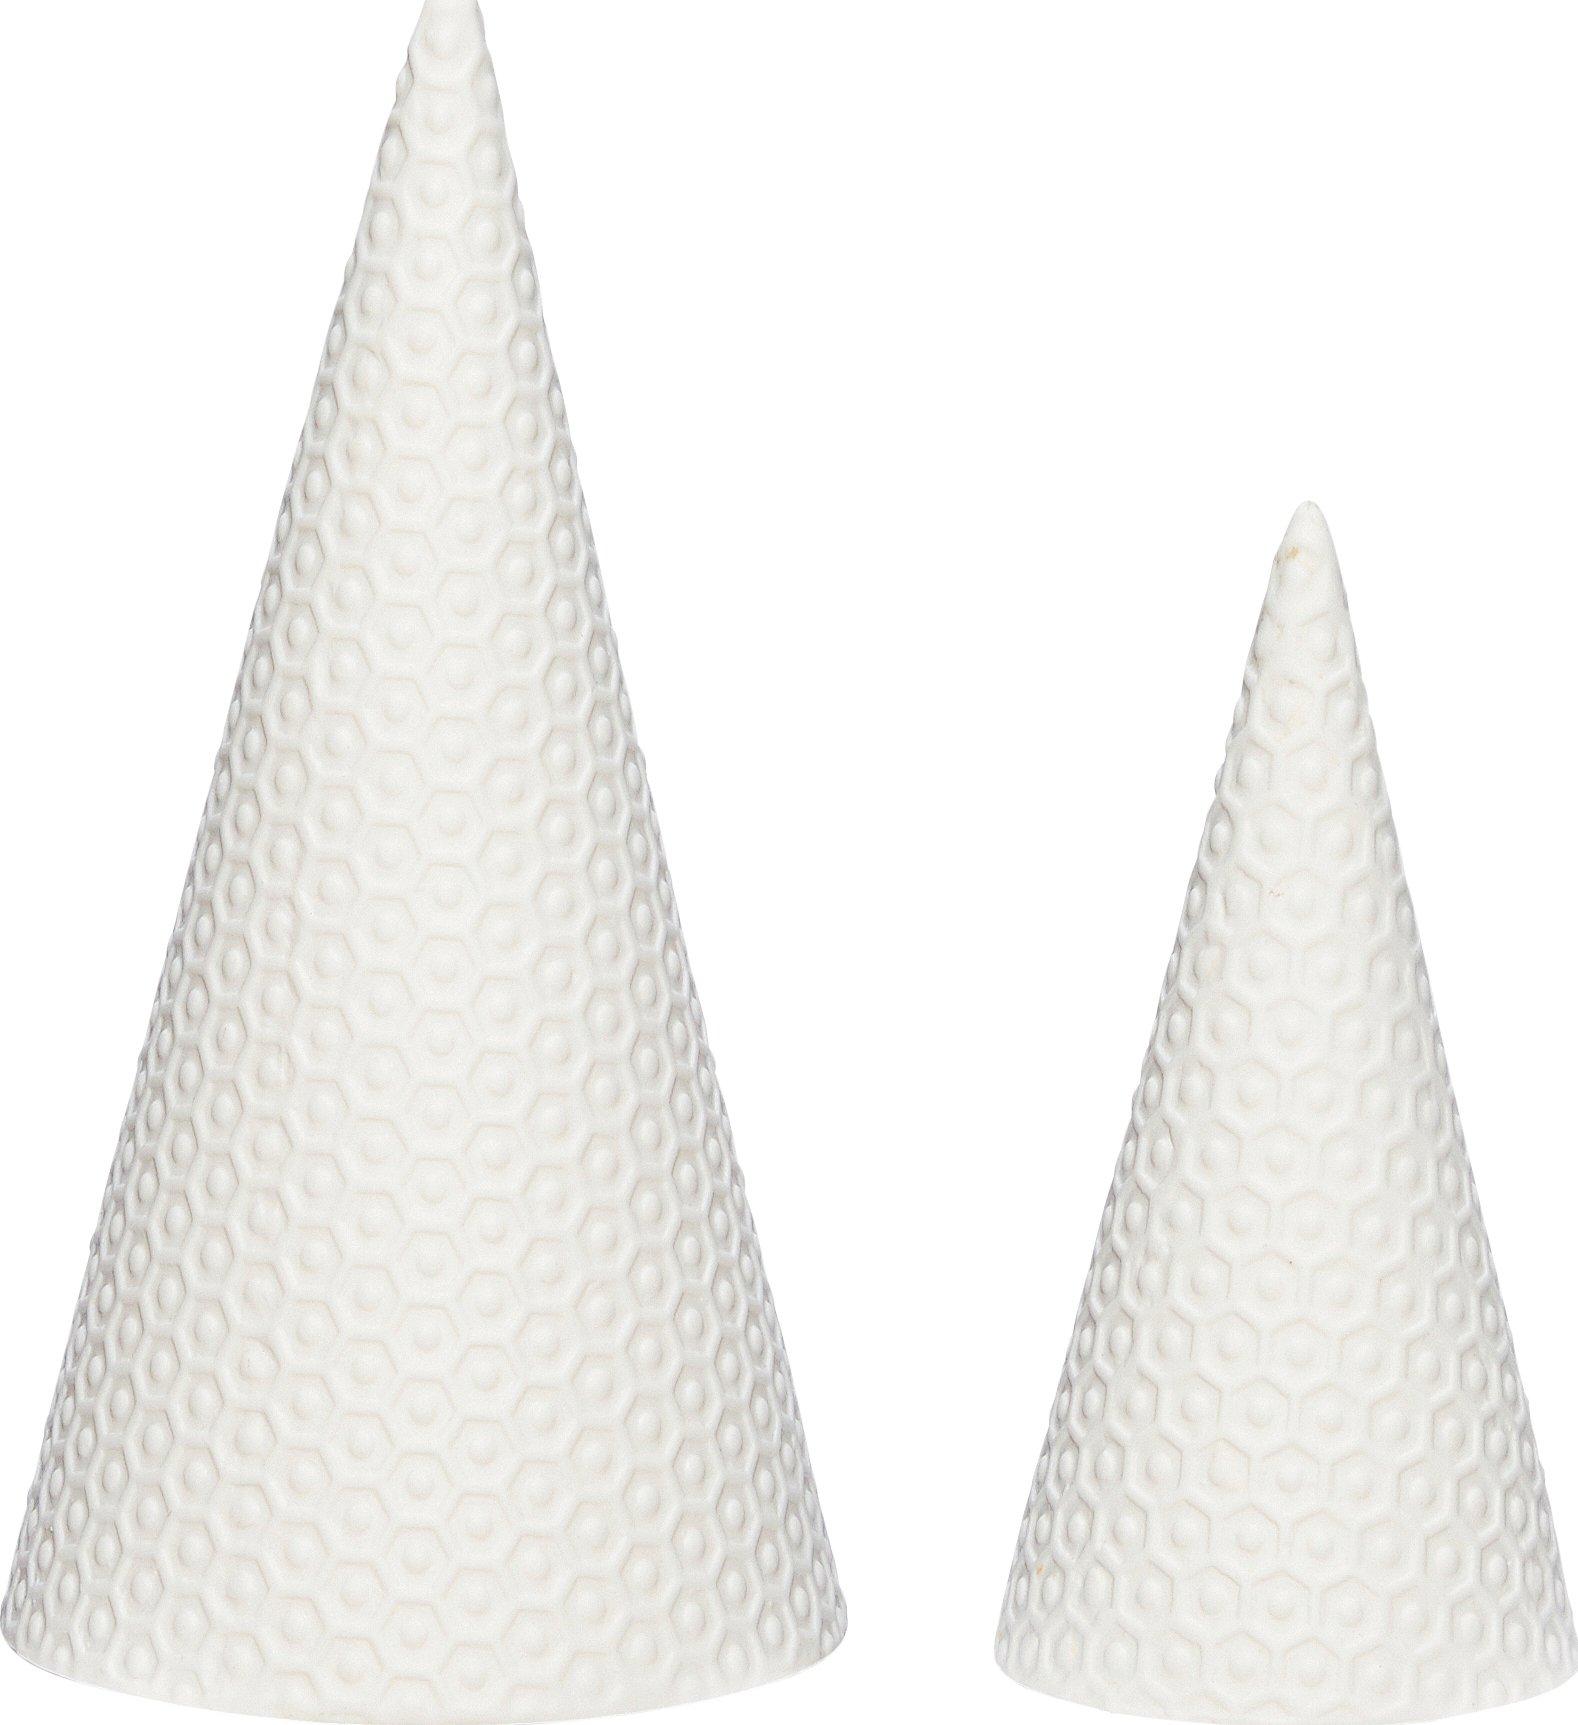 Image of   Juletræ, Wymond by Hübsch (Sæt á 2 stk., Hvid)